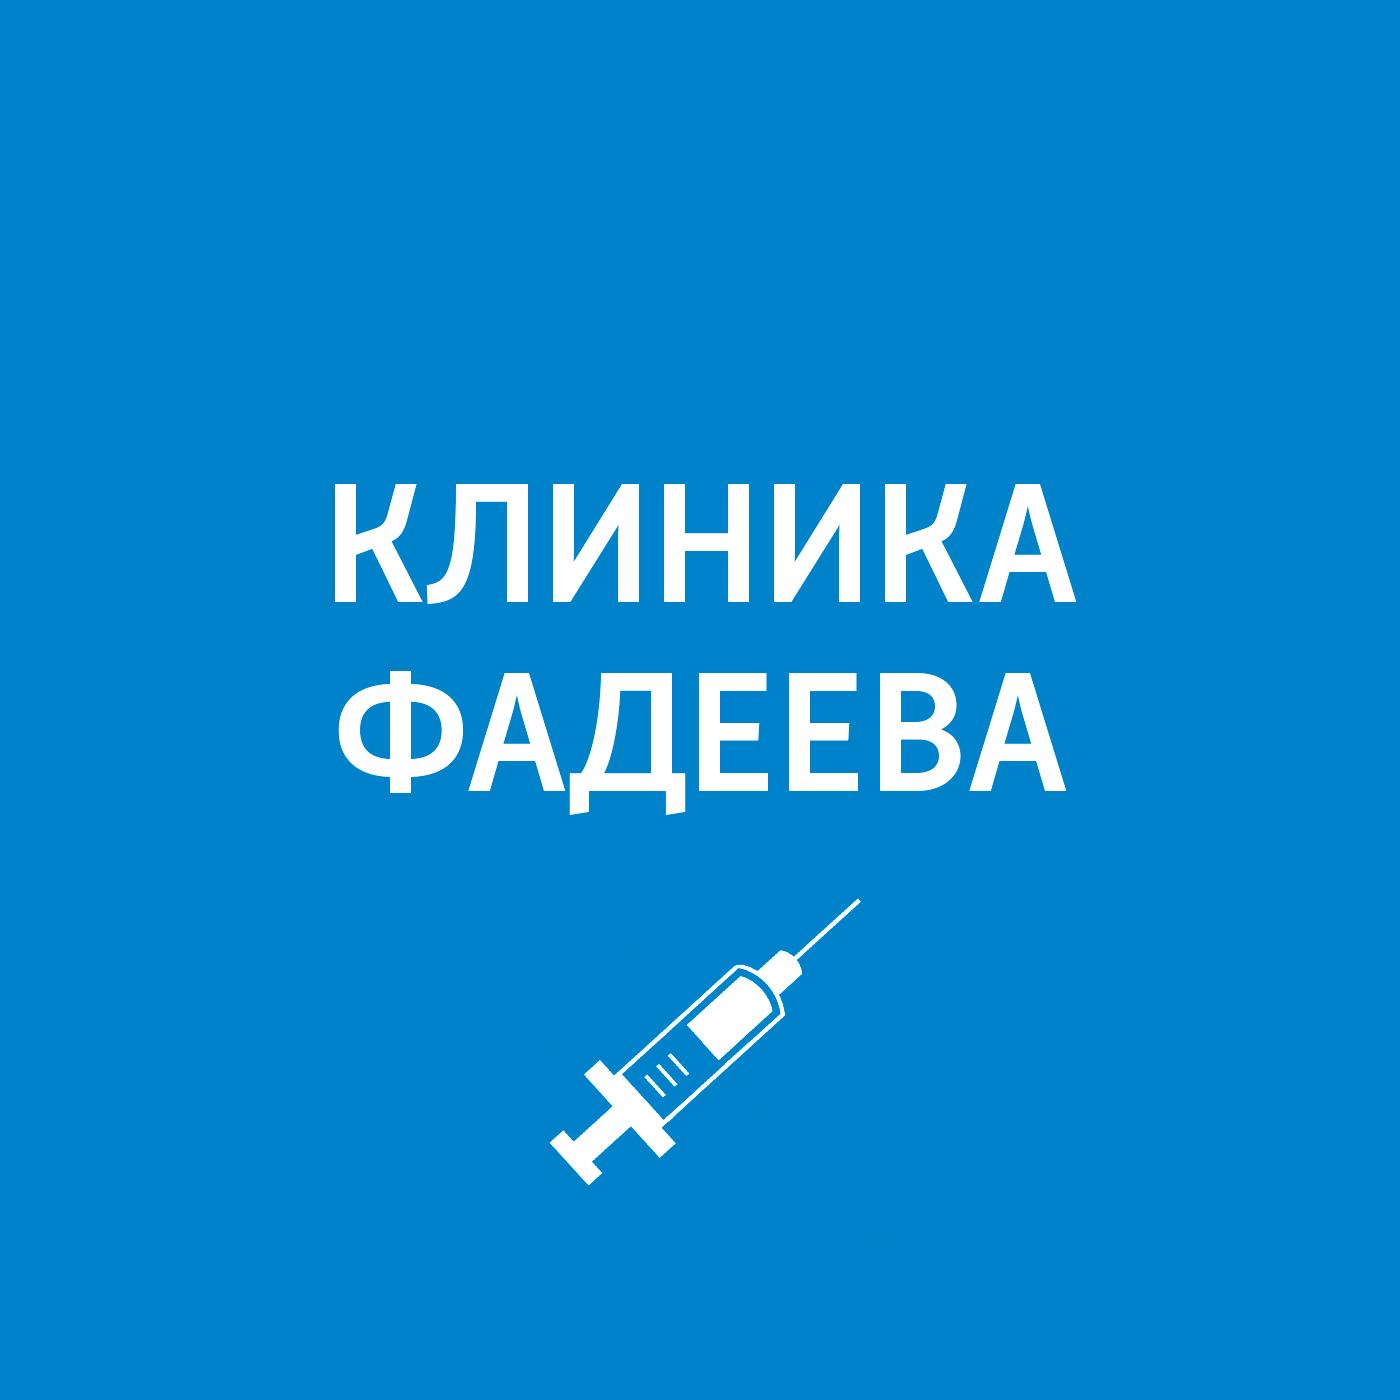 Пётр Фадеев Прием ведет врач-диетолог. Что есть, чтобы похудеть?